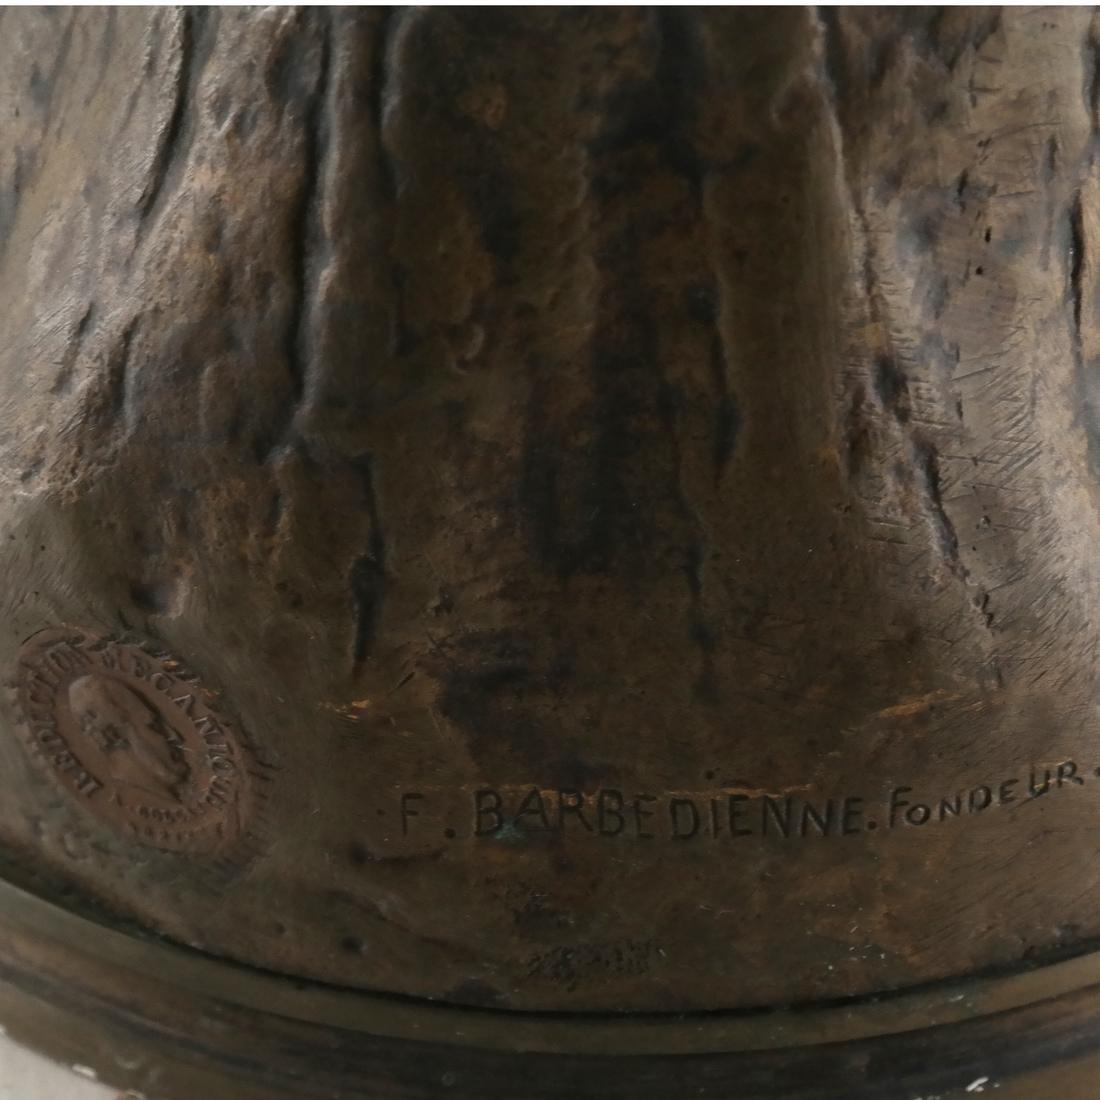 F. Barbedienne Fondeur, Bronze Nude - 5